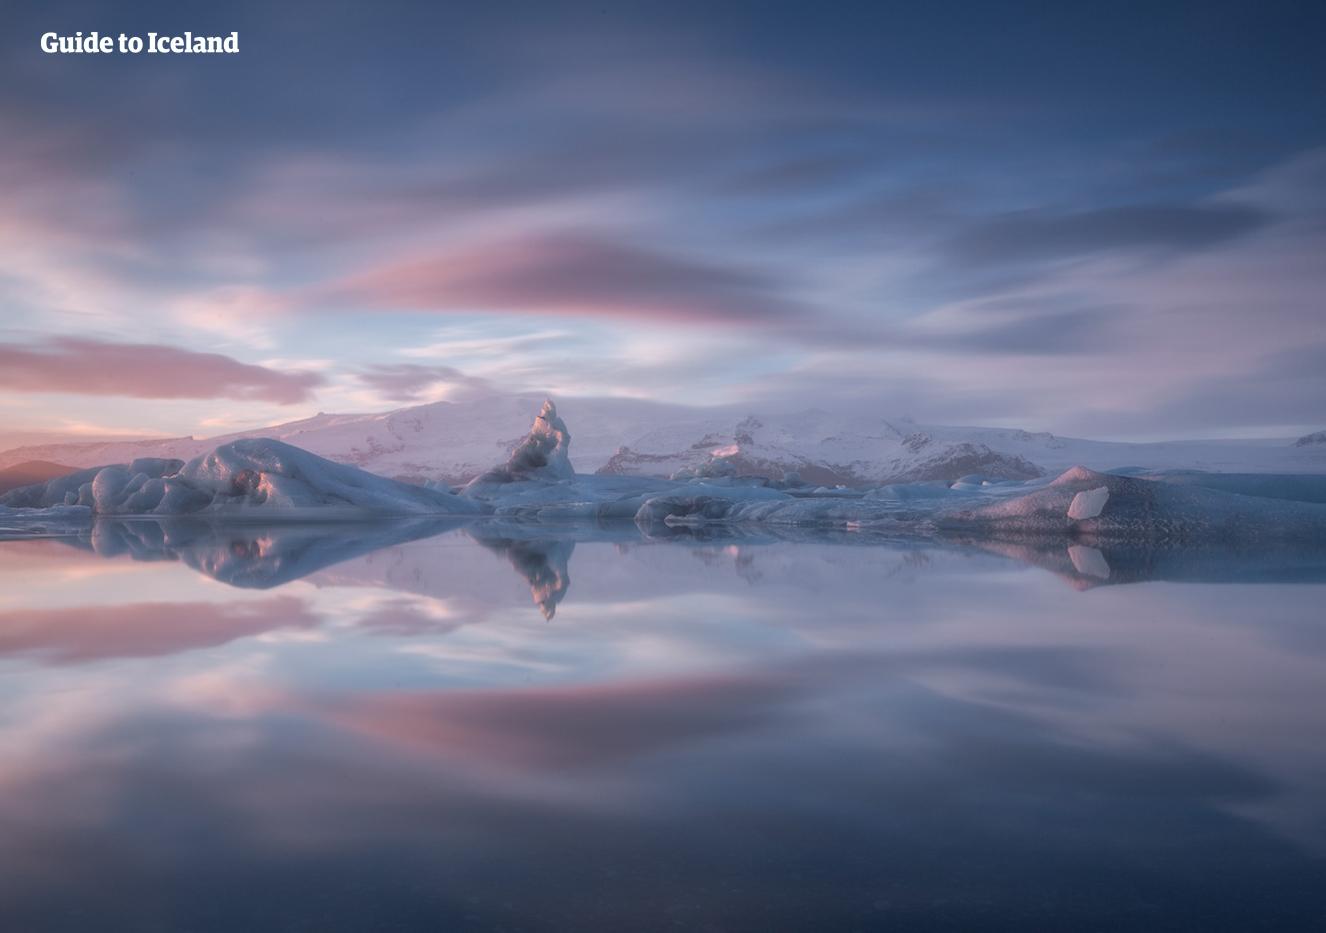 无论冬夏,冰岛南岸杰古沙龙冰河湖都一样美丽